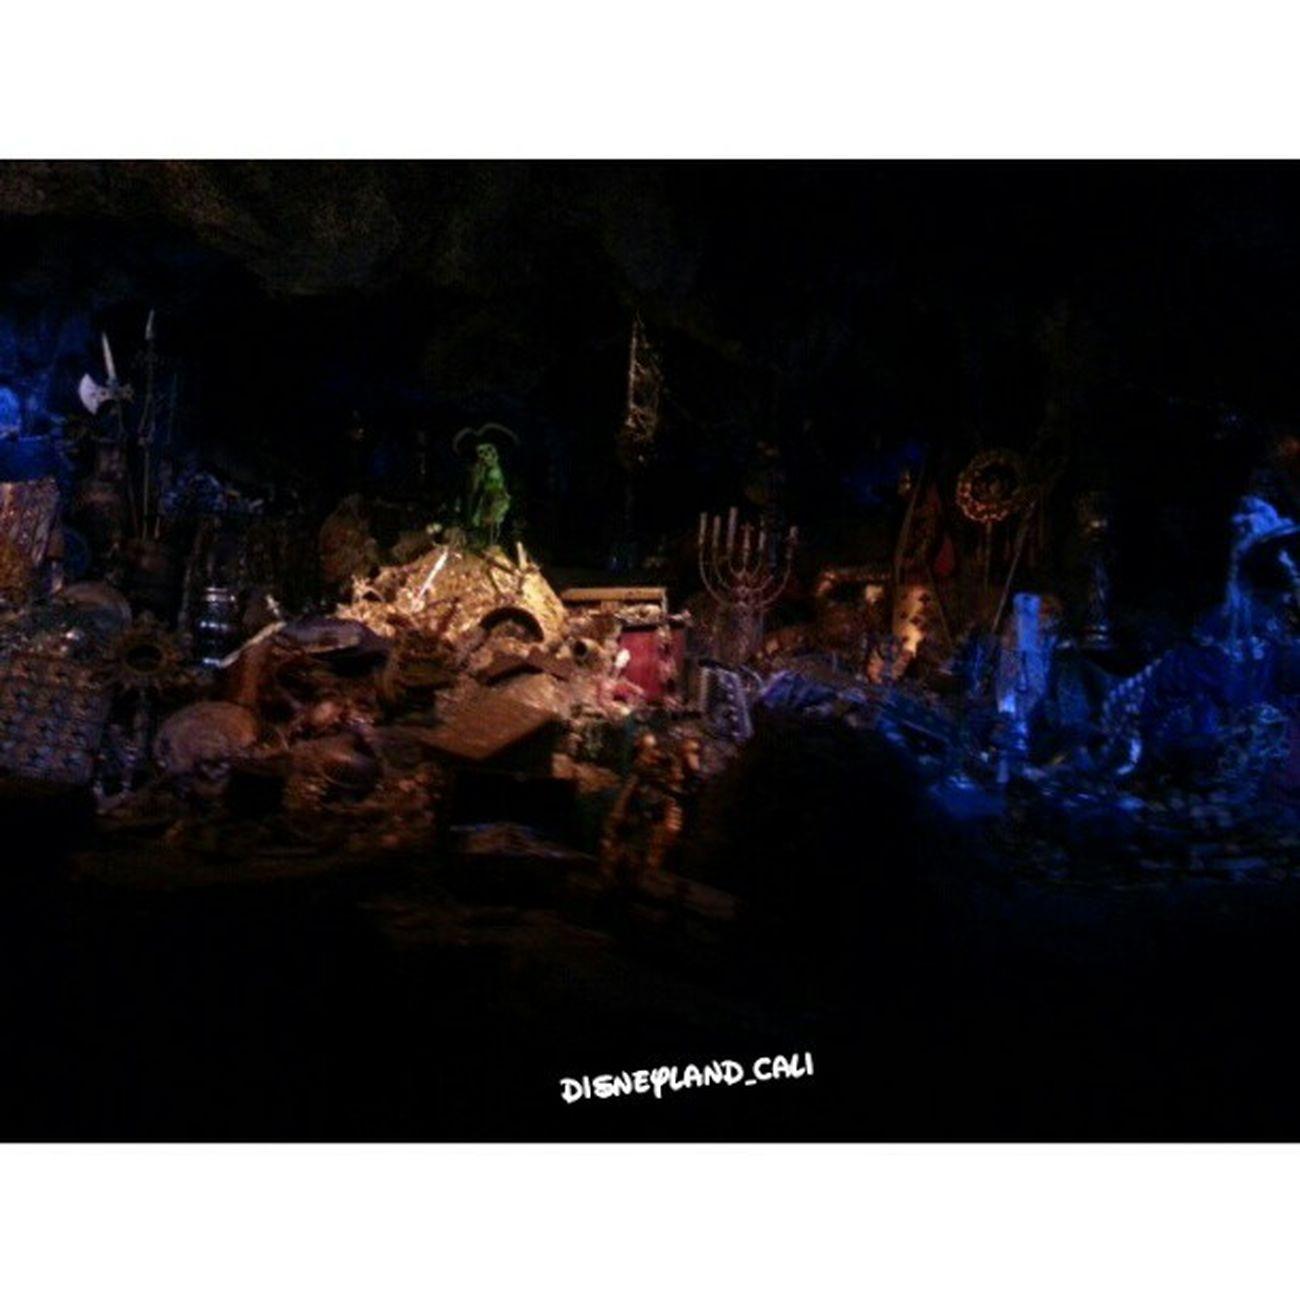 Piratesofthecarribean Disneyland_cali Disneyland